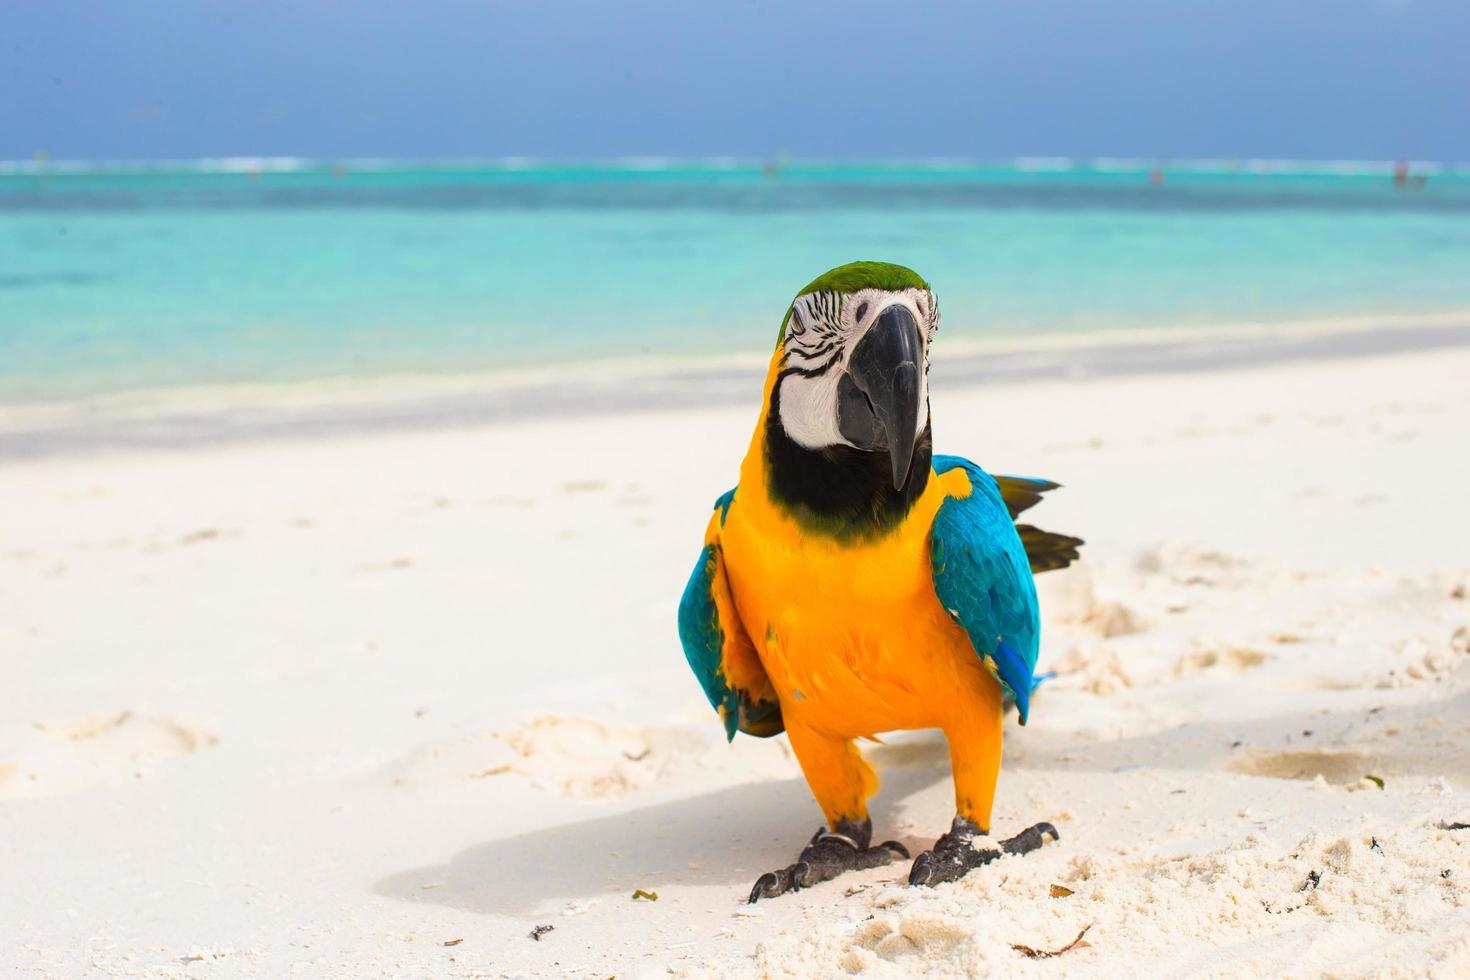 bunter Papagei auf weißem Sand foto